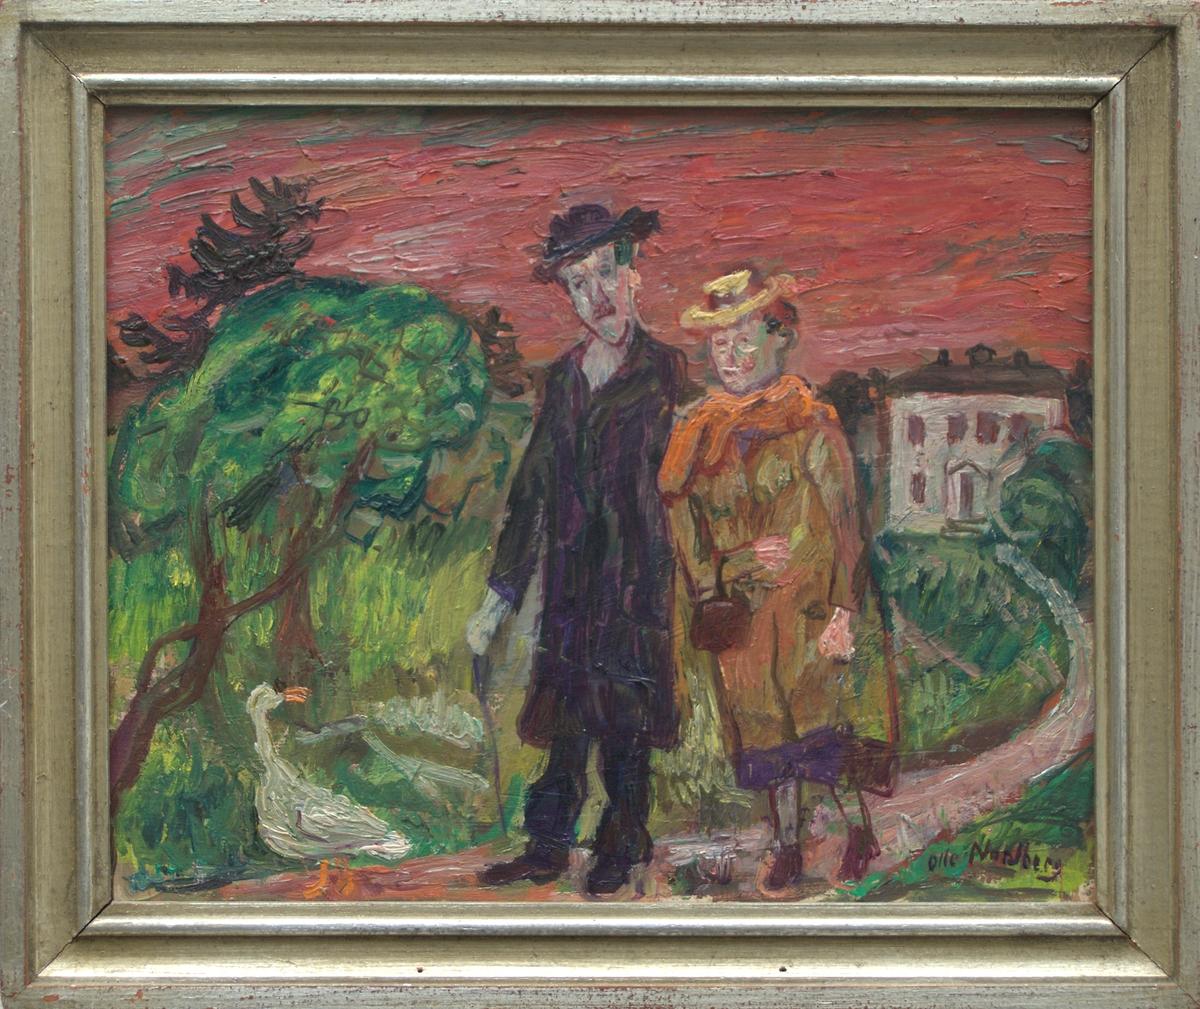 Oljemålning på pannå. Föreställer ett promenerande par på väg som leder från en vit byggnad. Till vänster träd och en svan. Profilerad silvermålad ram.